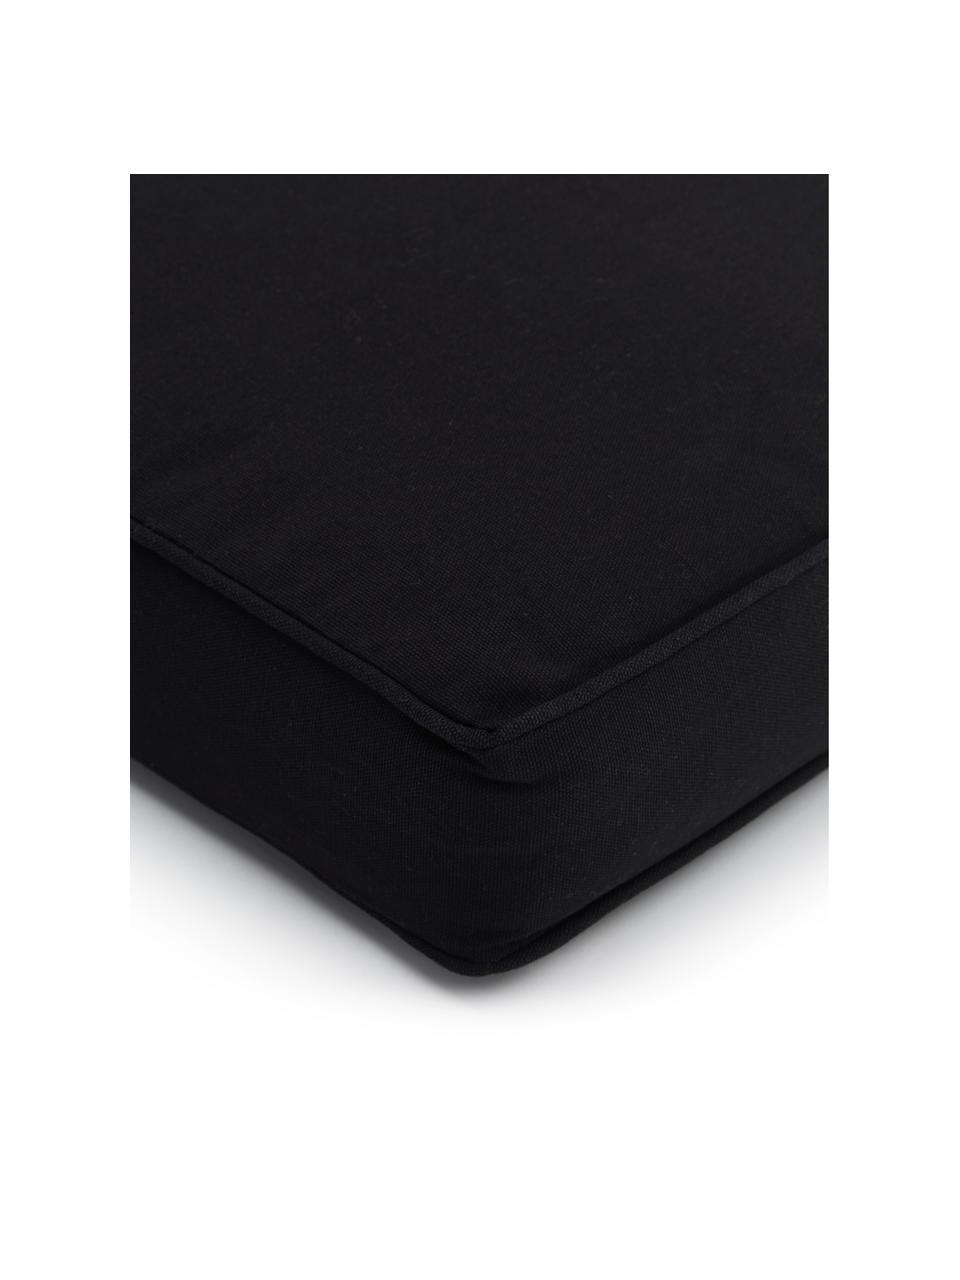 Cuscino sedia nero Zoey, Rivestimento: 100% cotone, Nero, Larg. 40 x Lung. 40 cm